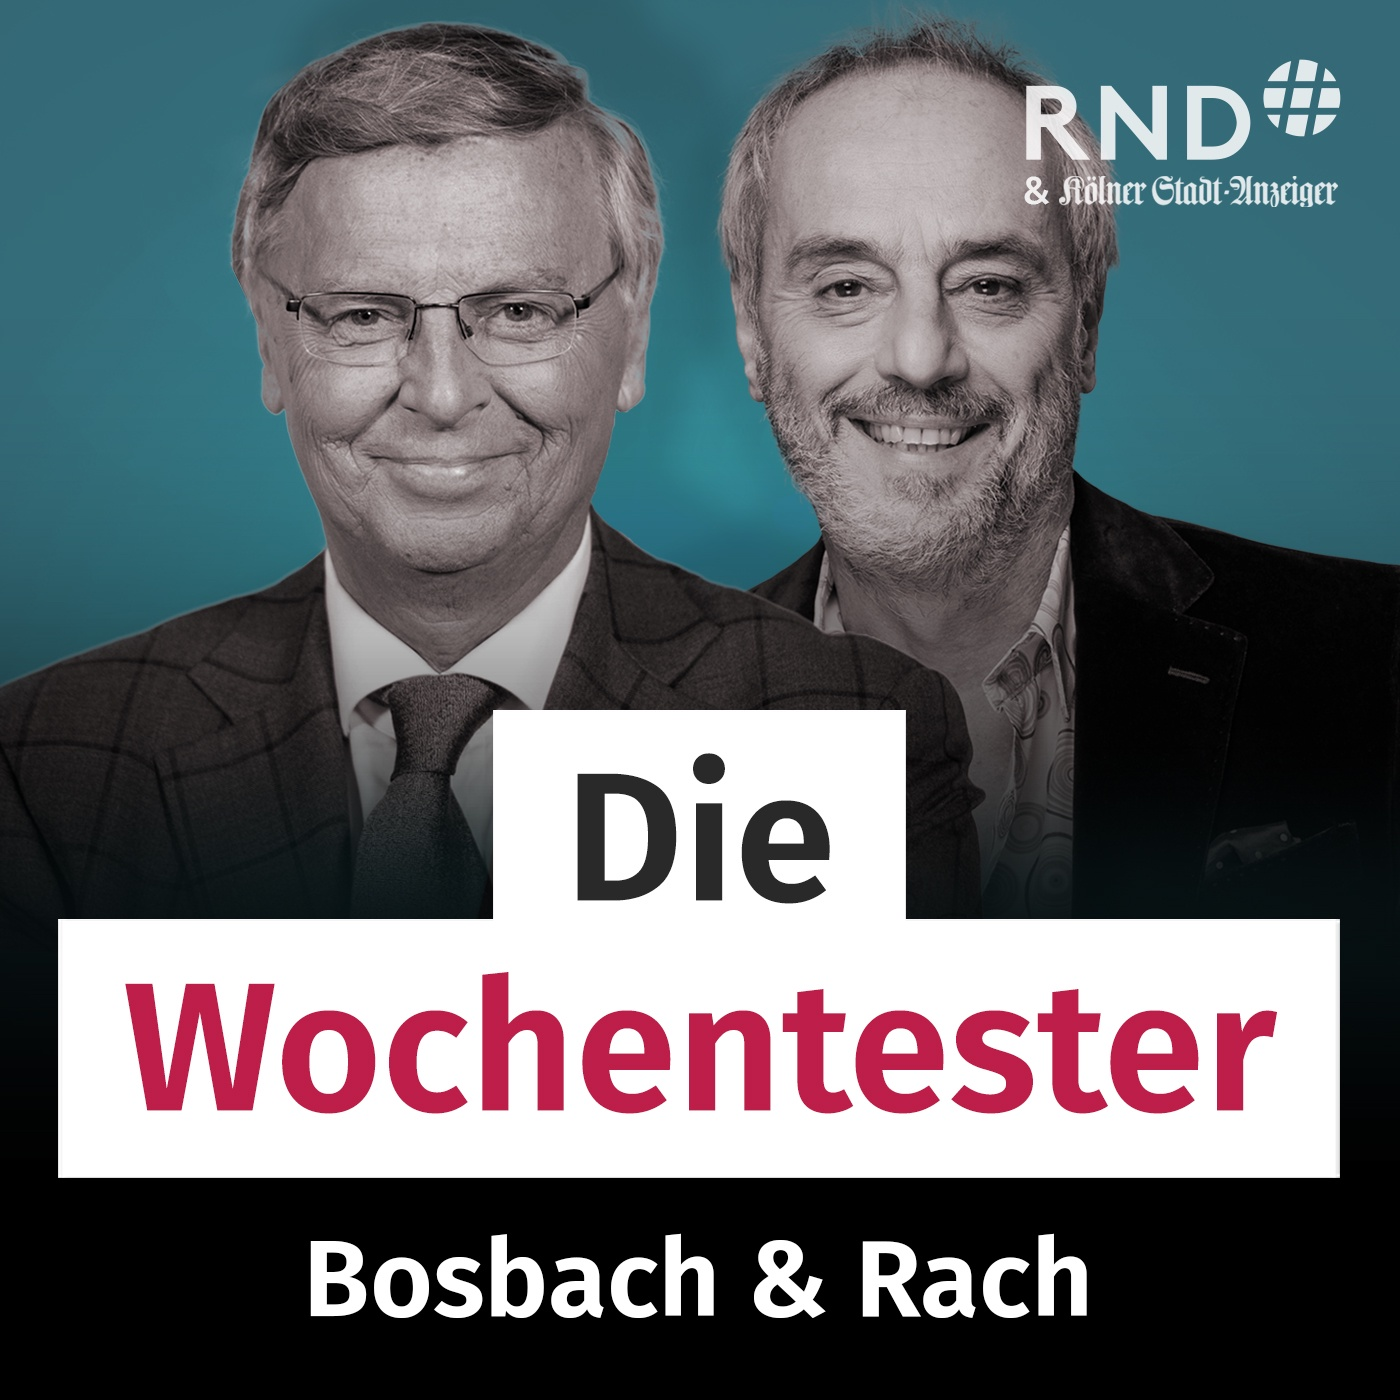 Bosbach & Rach - mit Wolfgang Grupp und Nena Schink